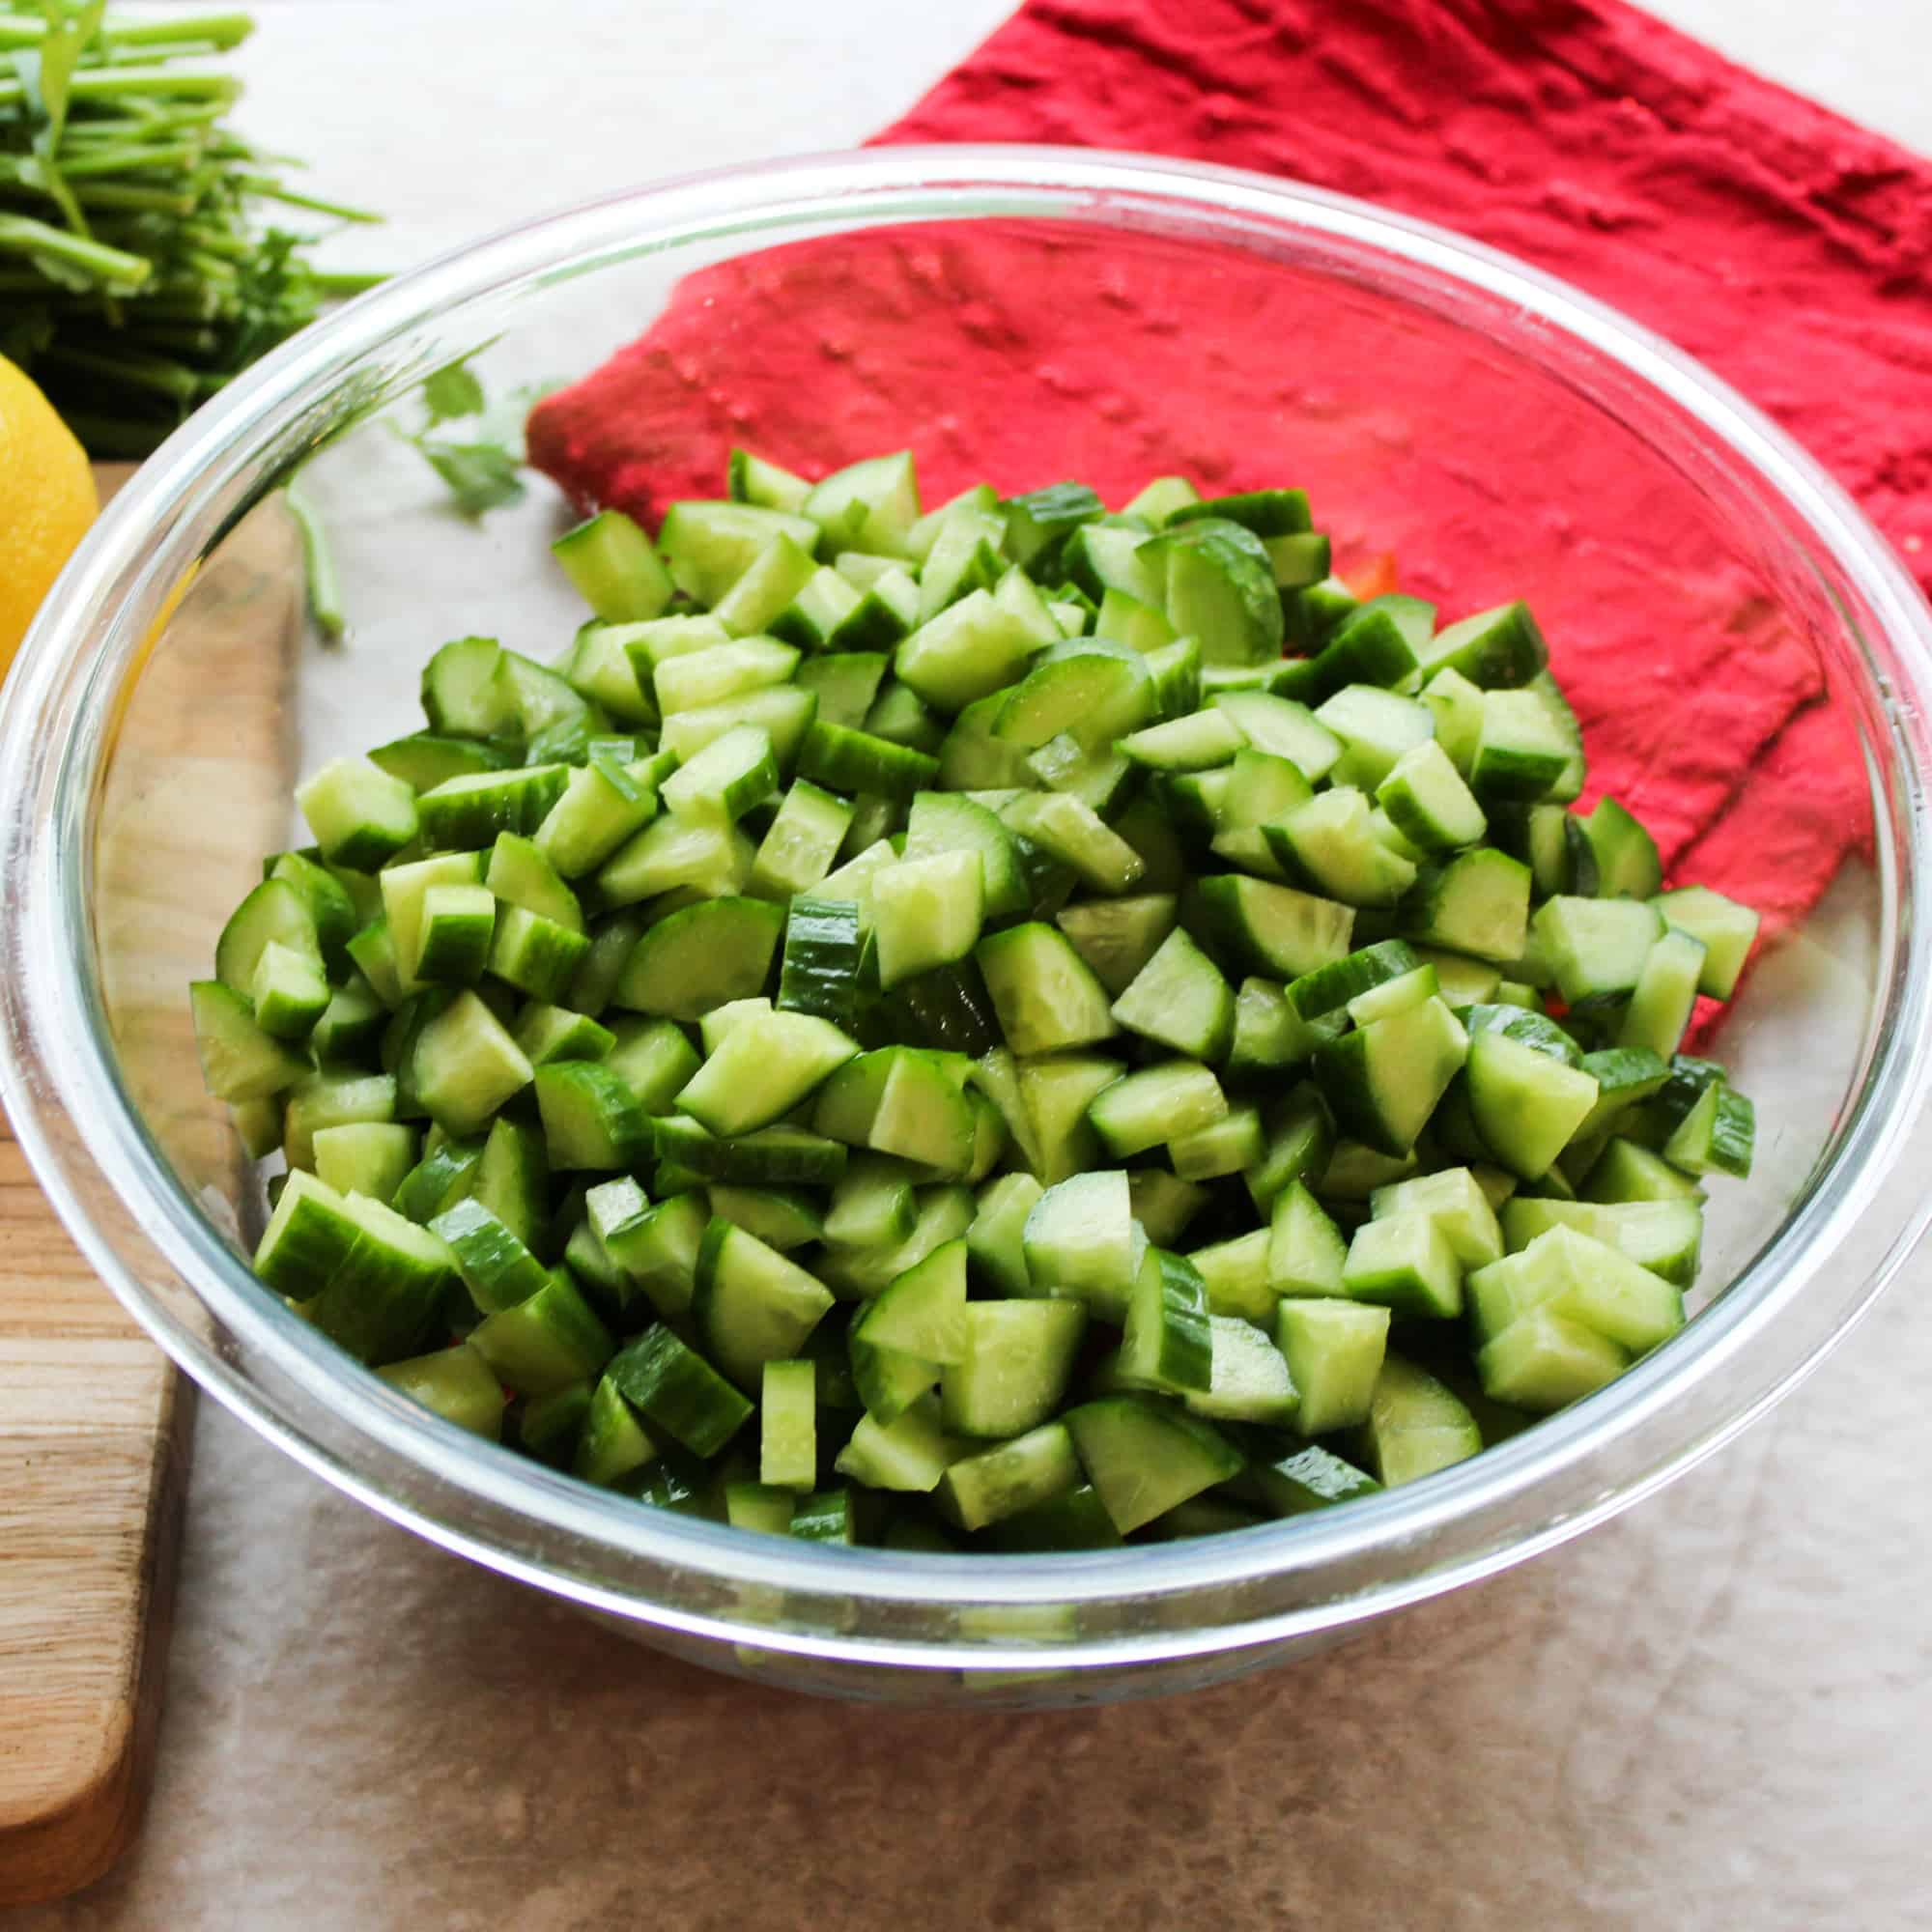 cut cucumbers